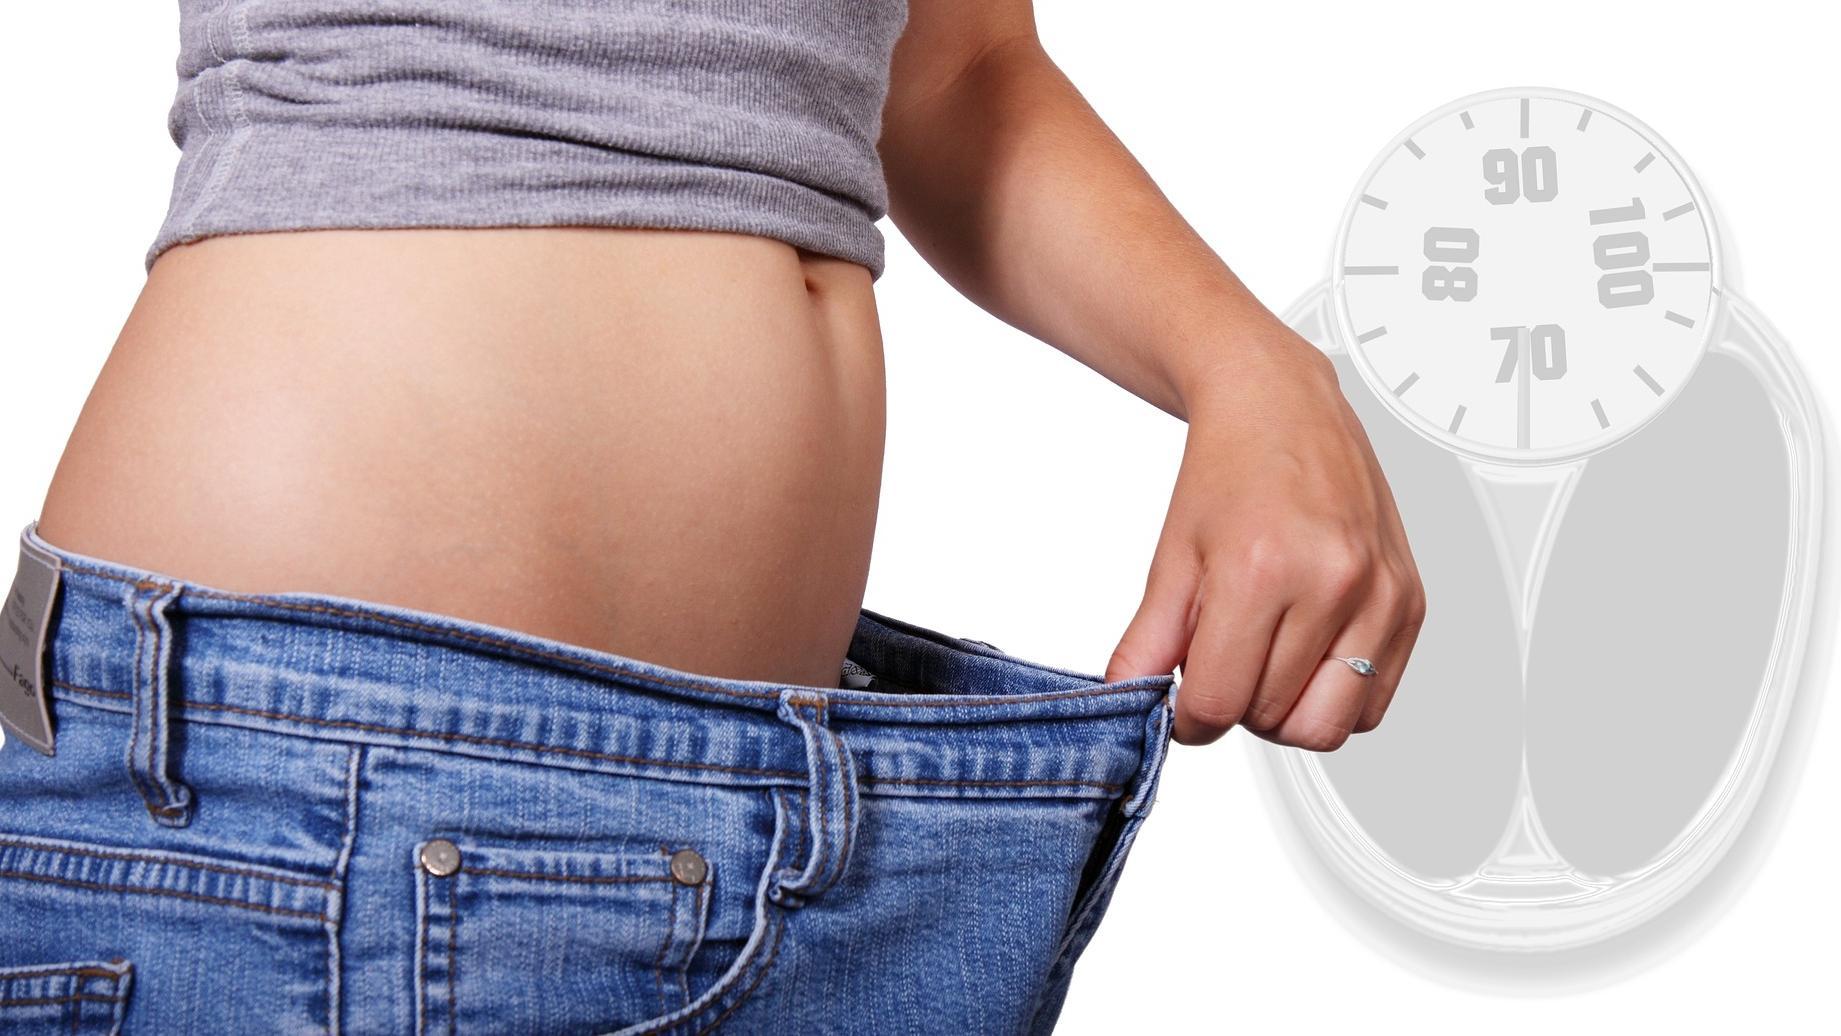 Fett am Unterbauch loswerden: Mit einer Kombination aus Bewegung und gesunder Ernährung purzeln die Pfunde!